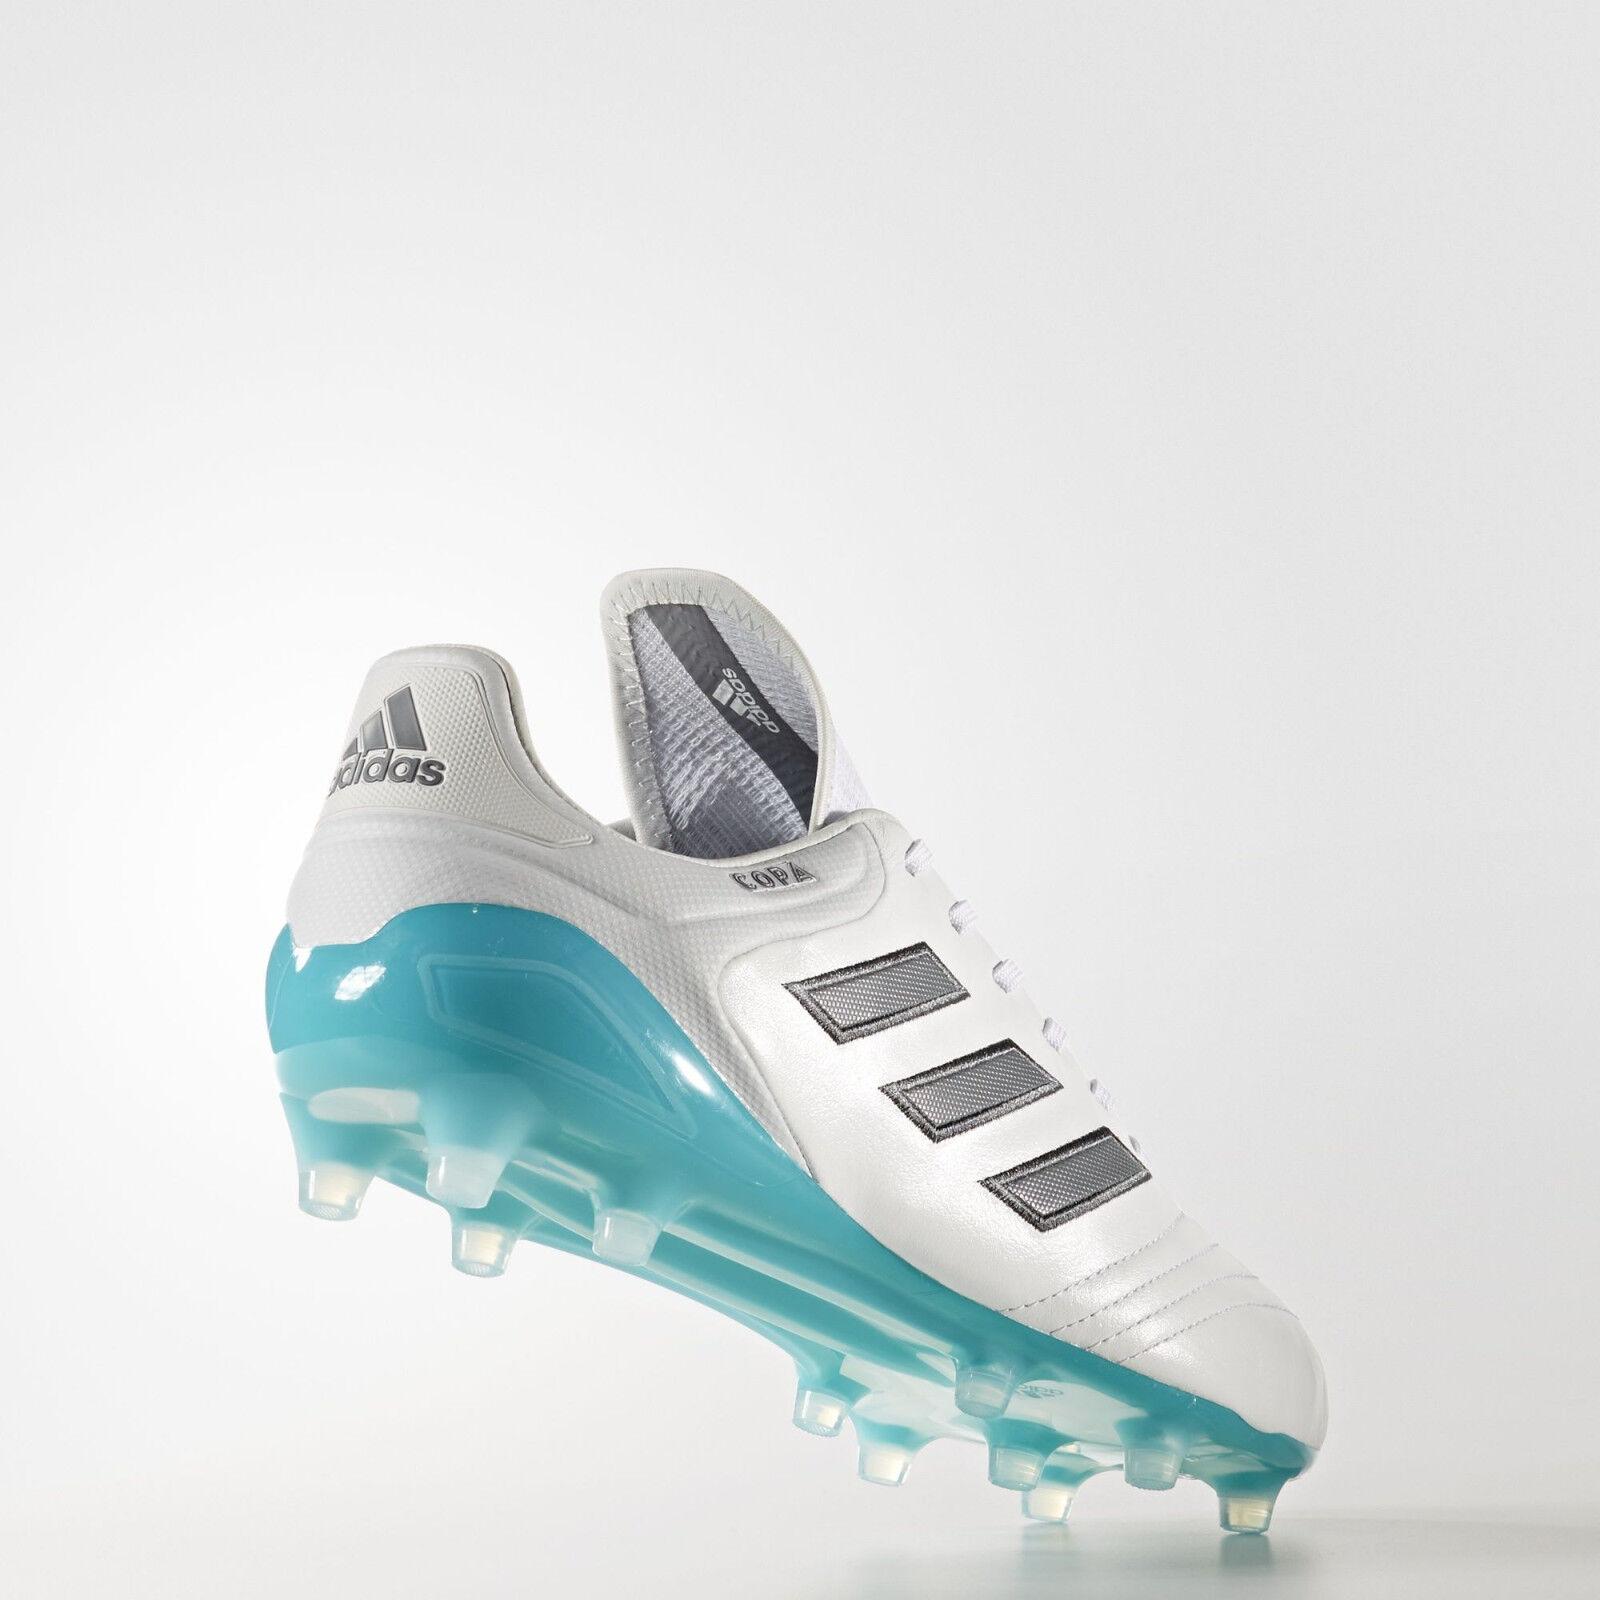 online retailer bc72e ada4e ADIDAS Copa 17.1 FG Bianco Grigio da Uomo in pelle scarpe da calcio prezzo  consigliato ...